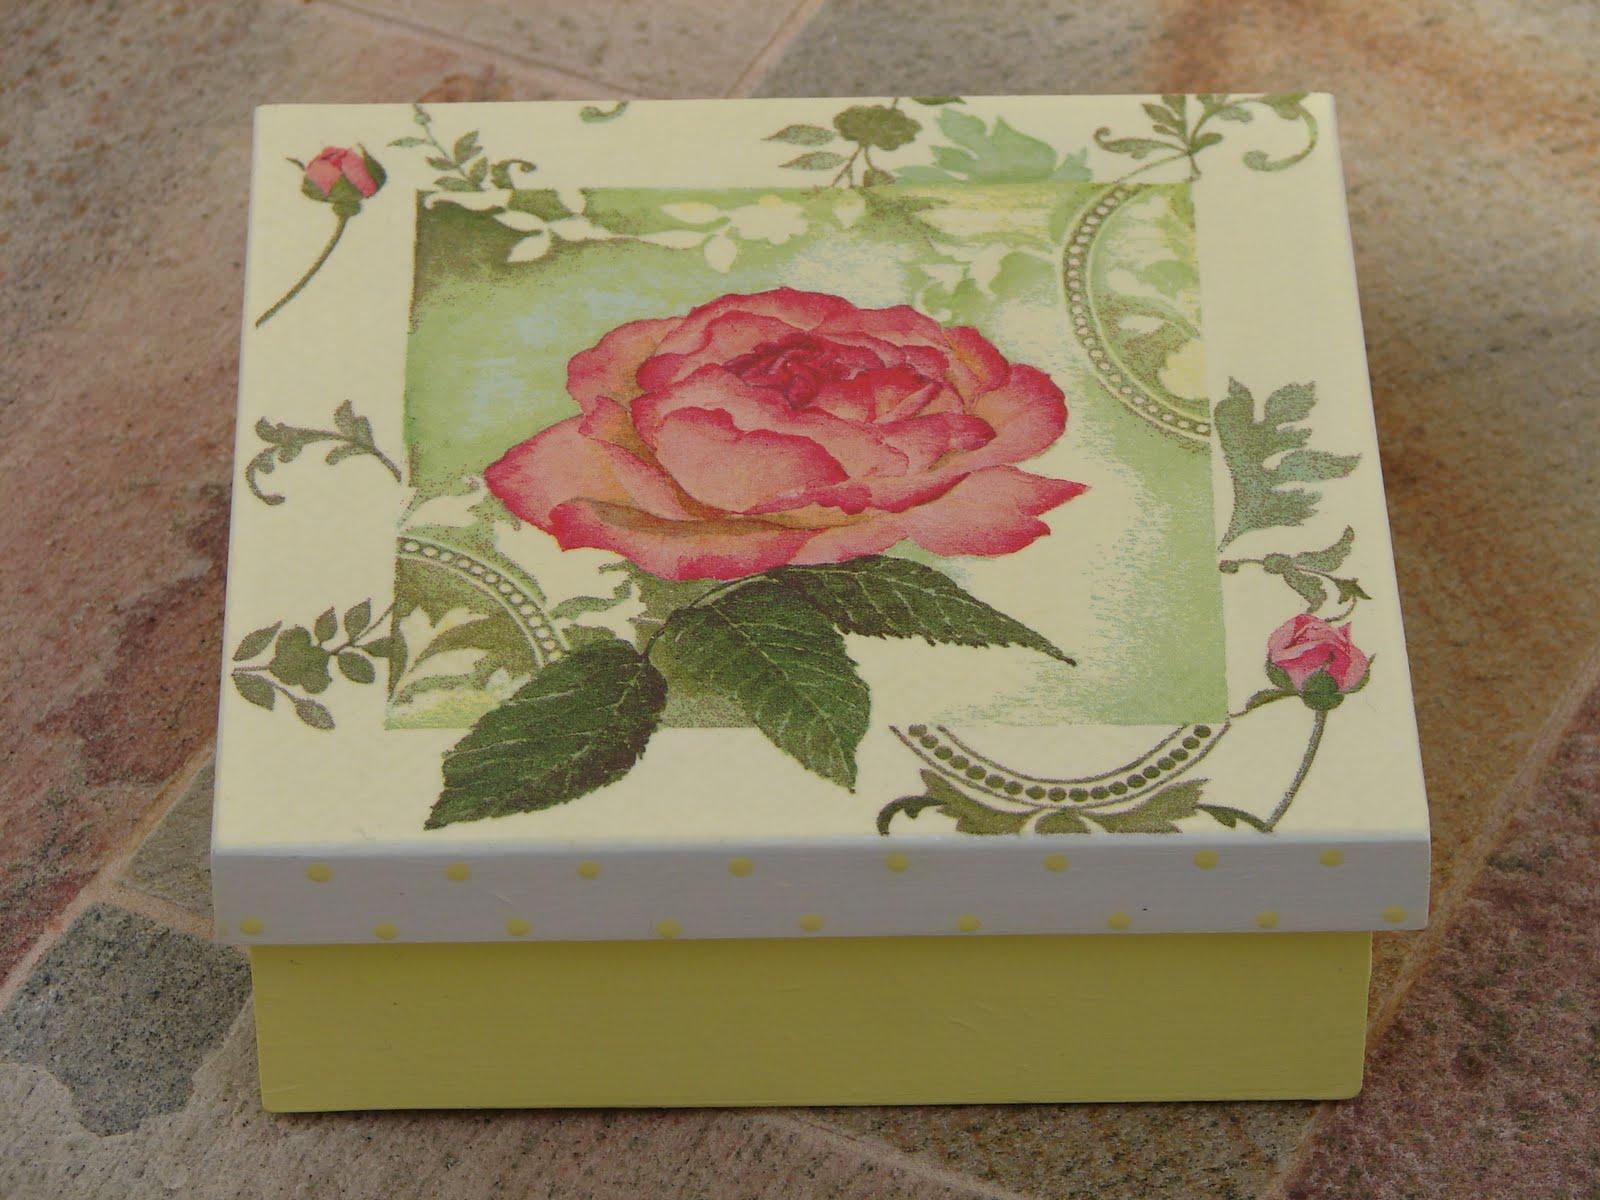 Bell'Arte Arte em madeira e tecido: Caixa para Embalar Presentes #94373E 1600x1200